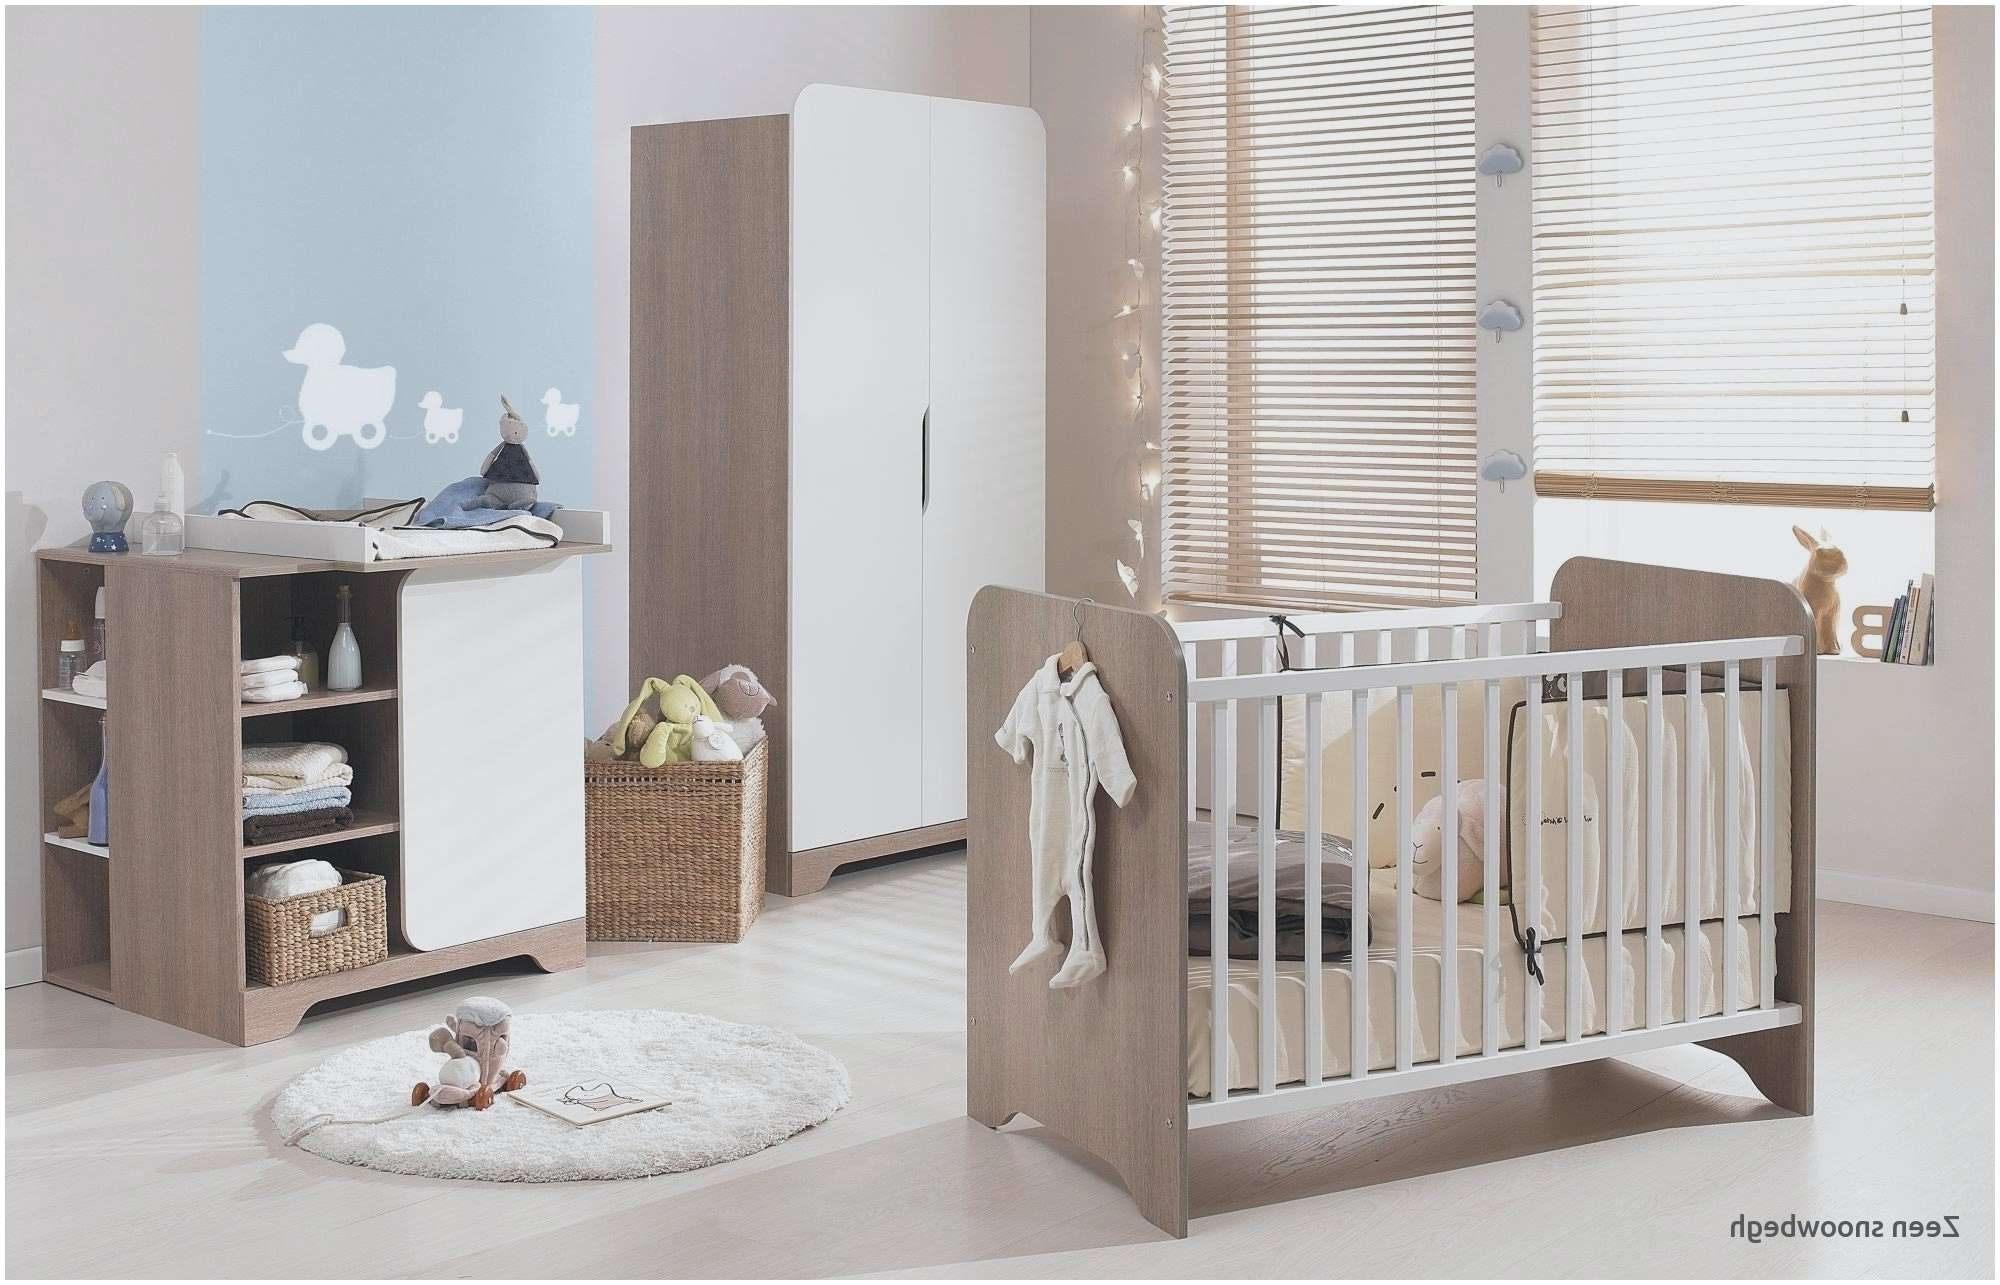 Lit Cocon Bébé Inspiré Frais Beau Suspension Luminaire Bébé Pour Alternative Lustre Chambre